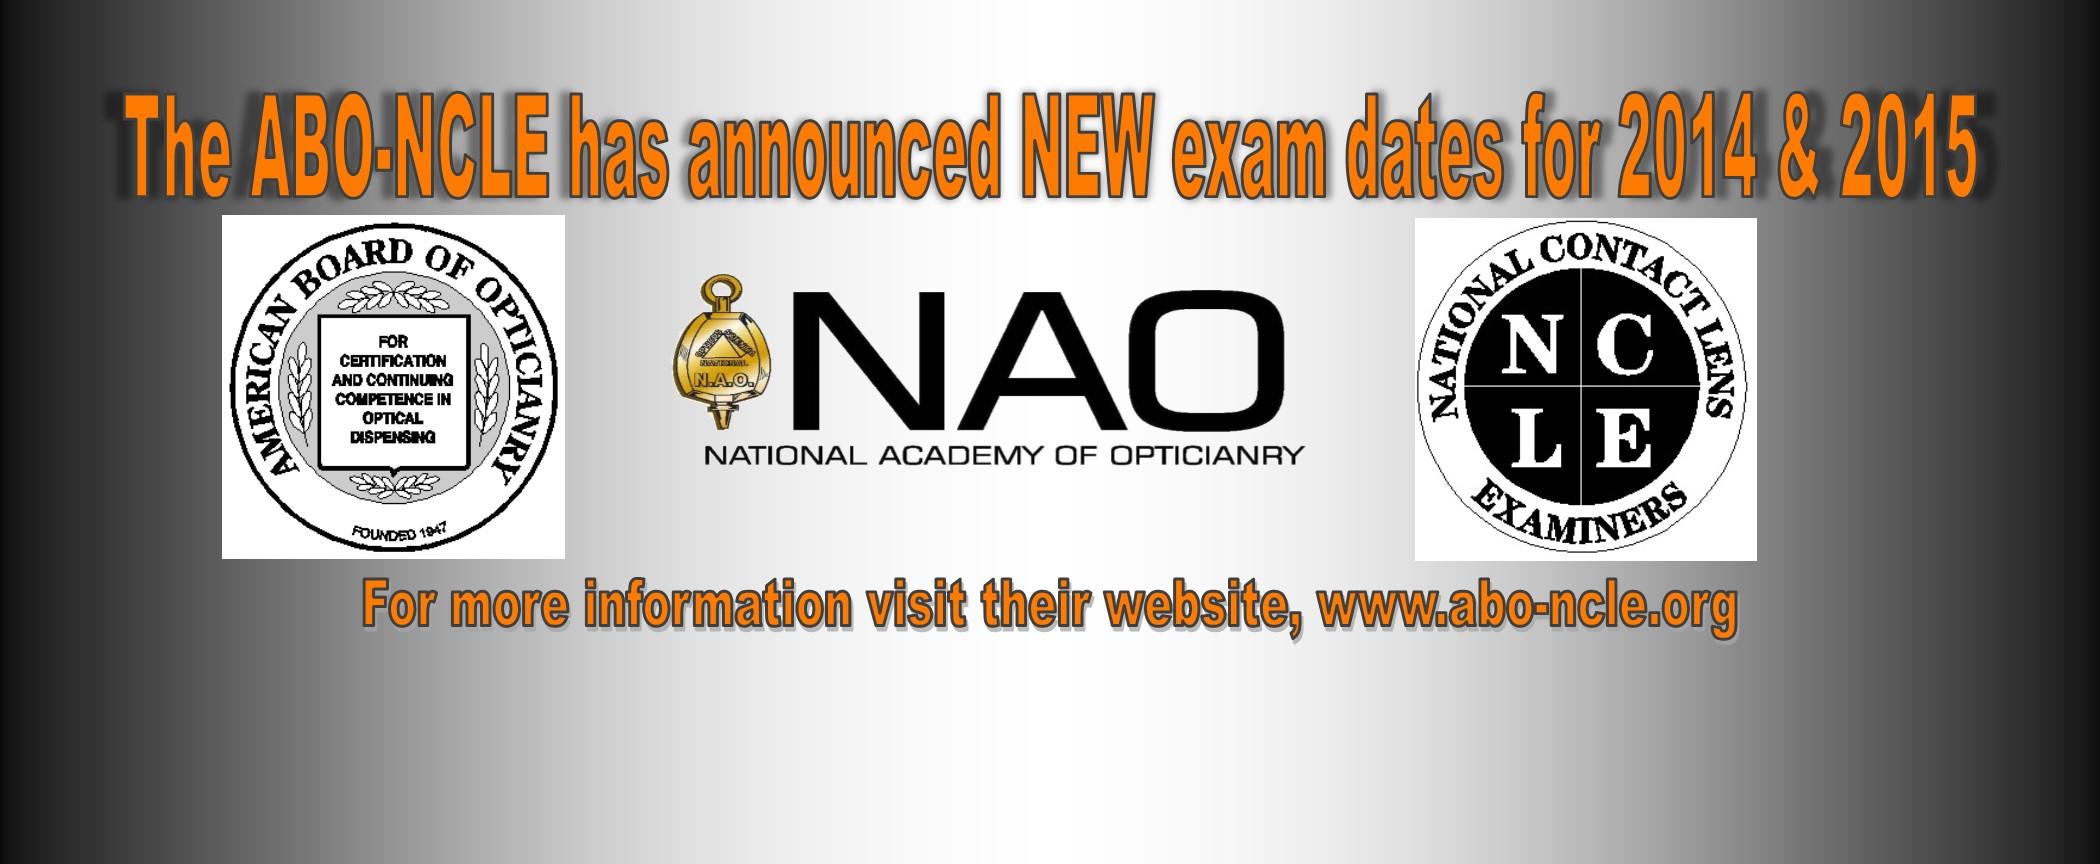 ABO-NCLE-Exam-Dates